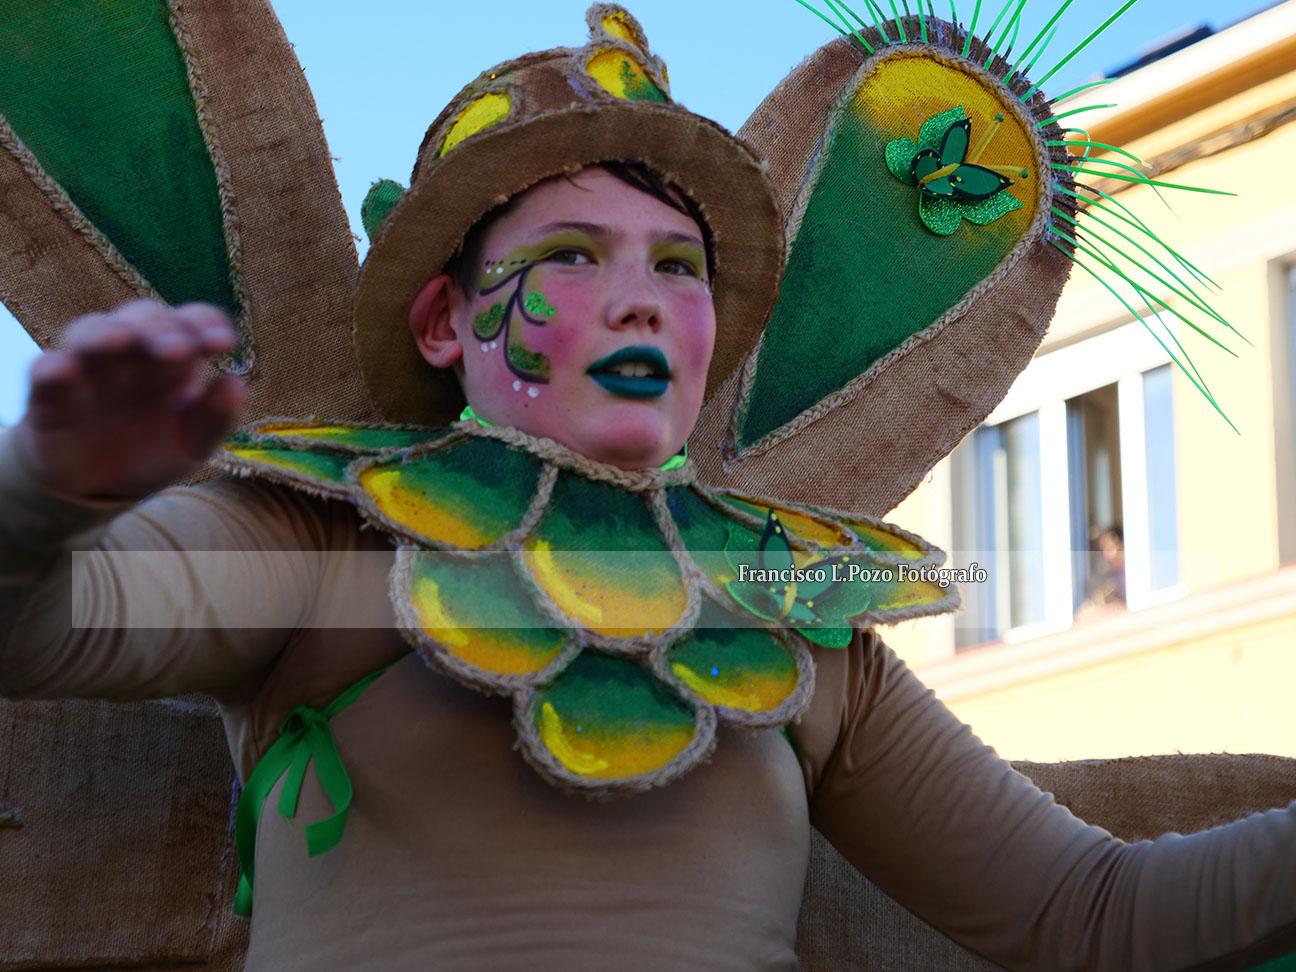 Carnaval 2020: Camponaraya sale a la calle a ritmo de comparsa 82